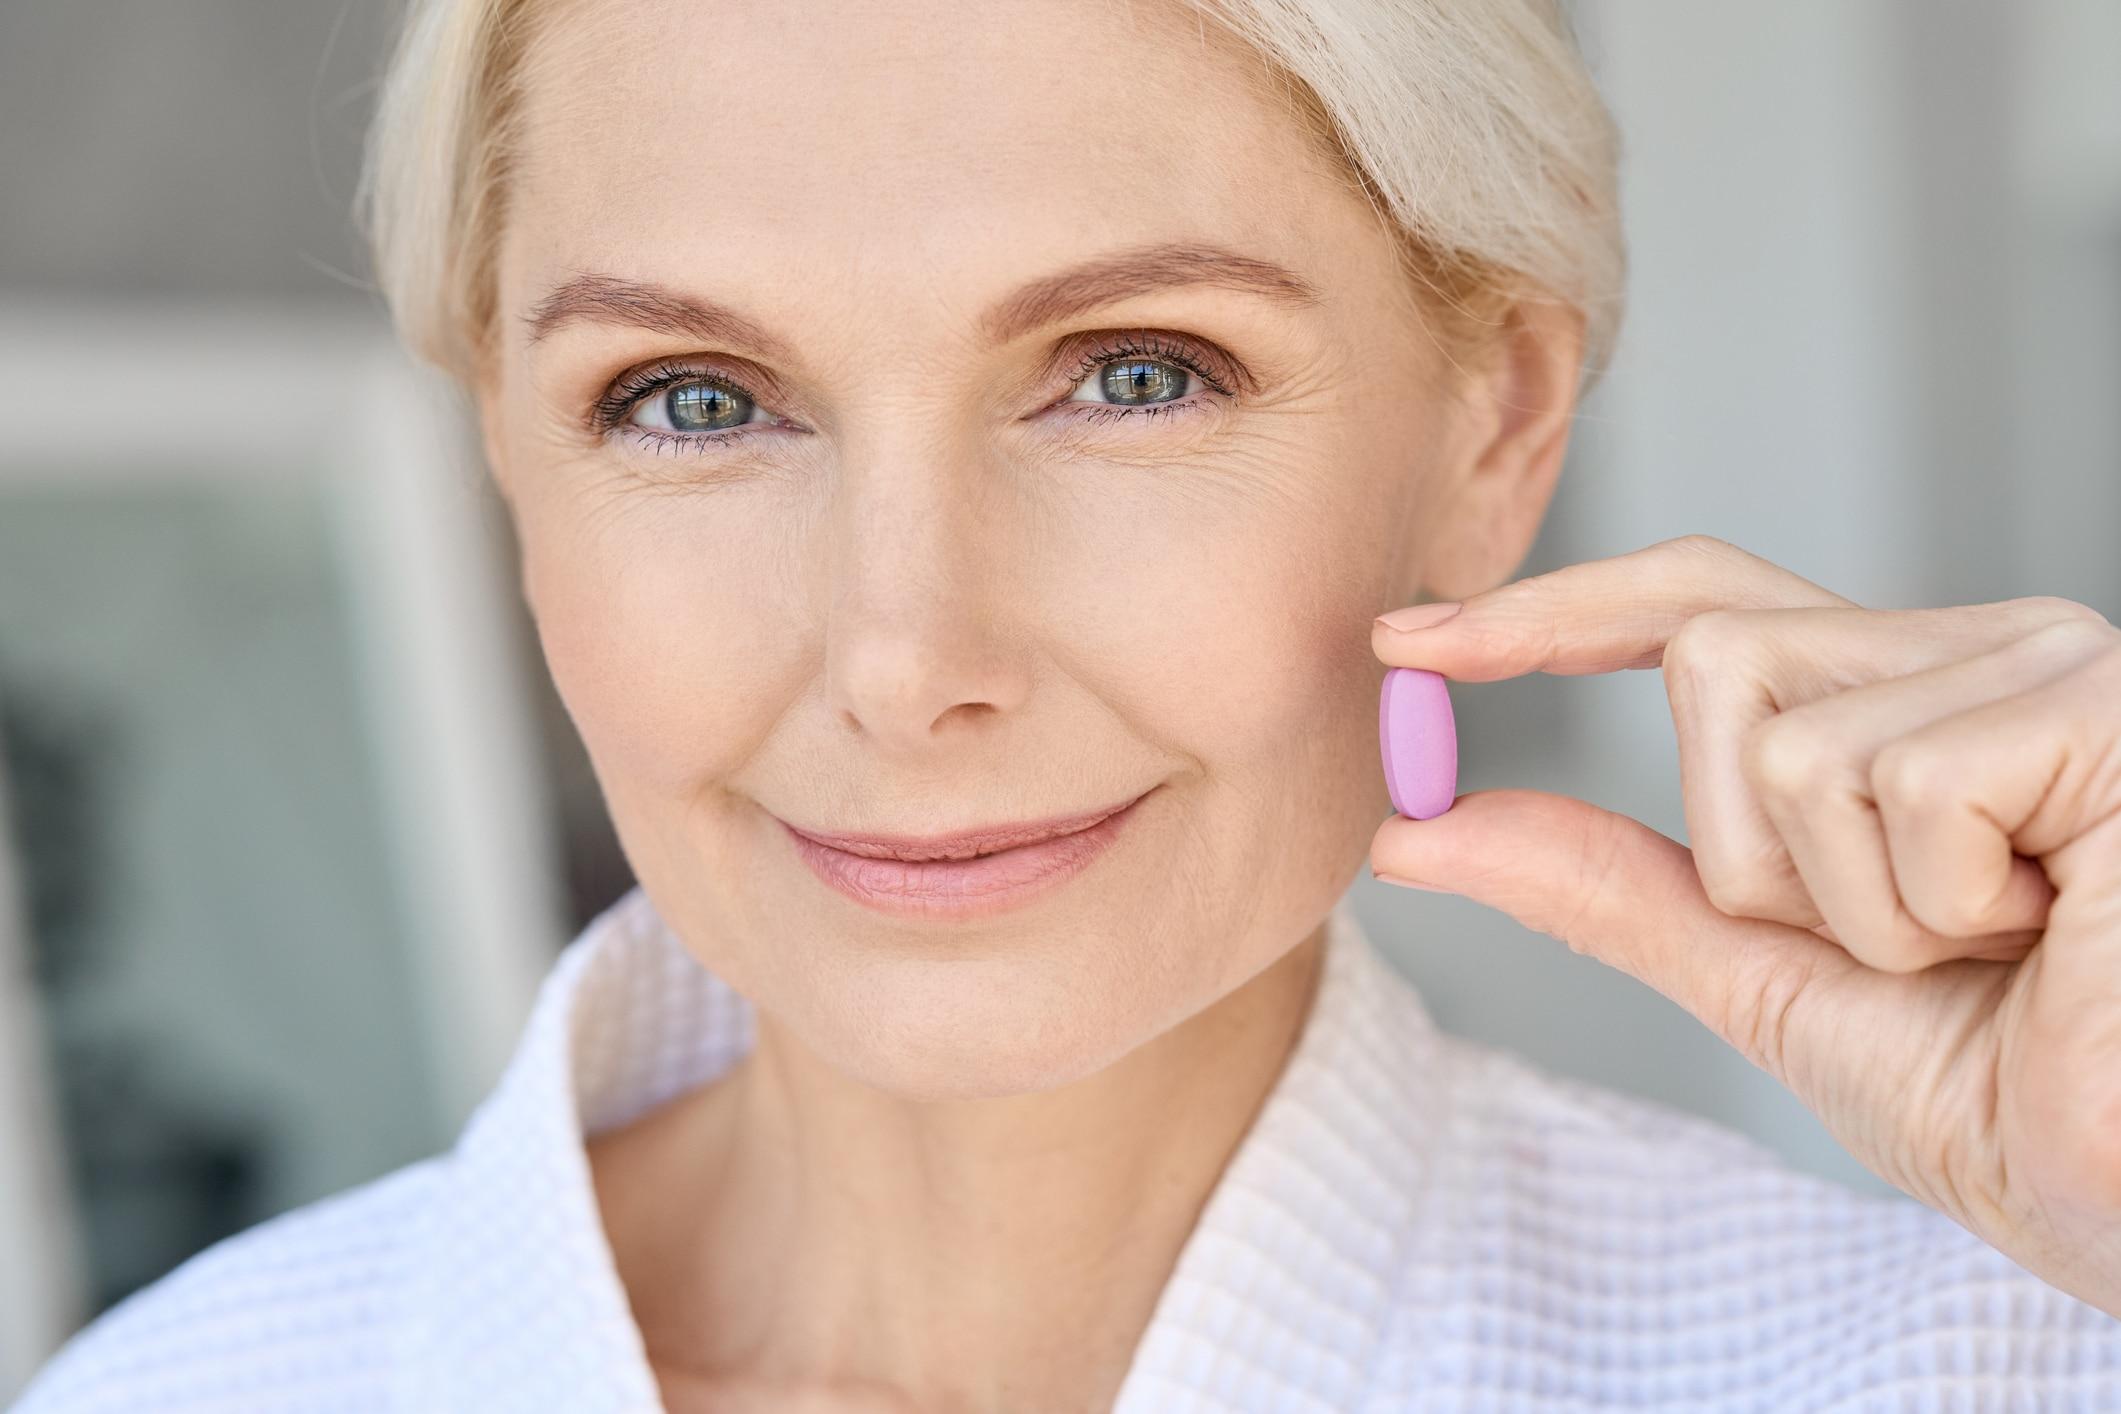 supplements help tighten skin